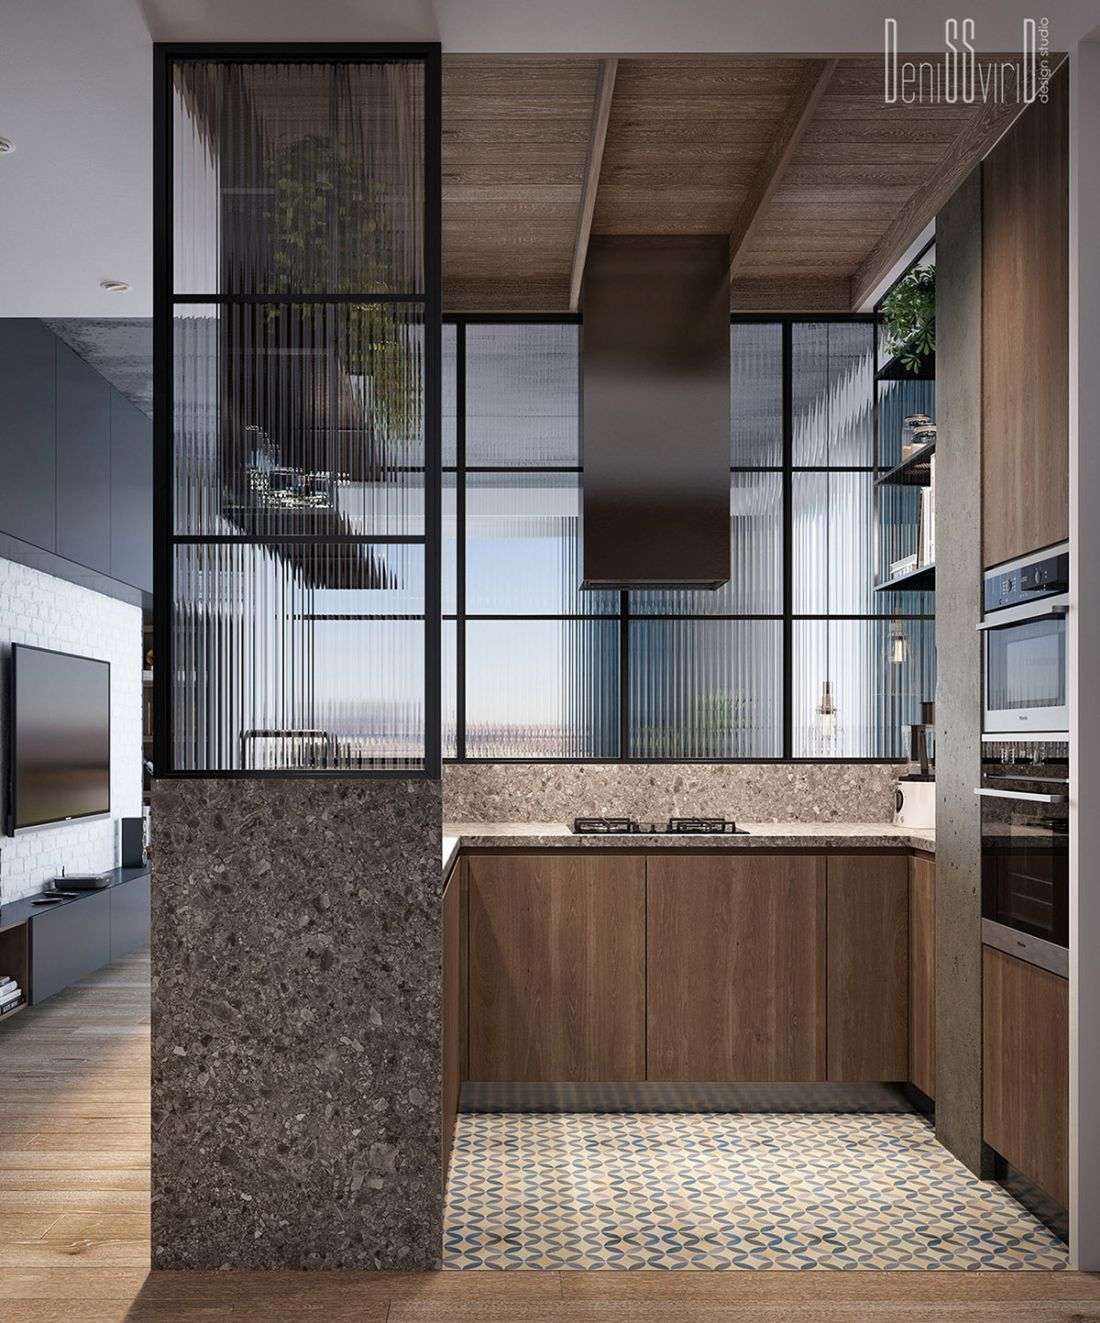 Fülkeszerű konyha kialakítás a lakás középpontjában